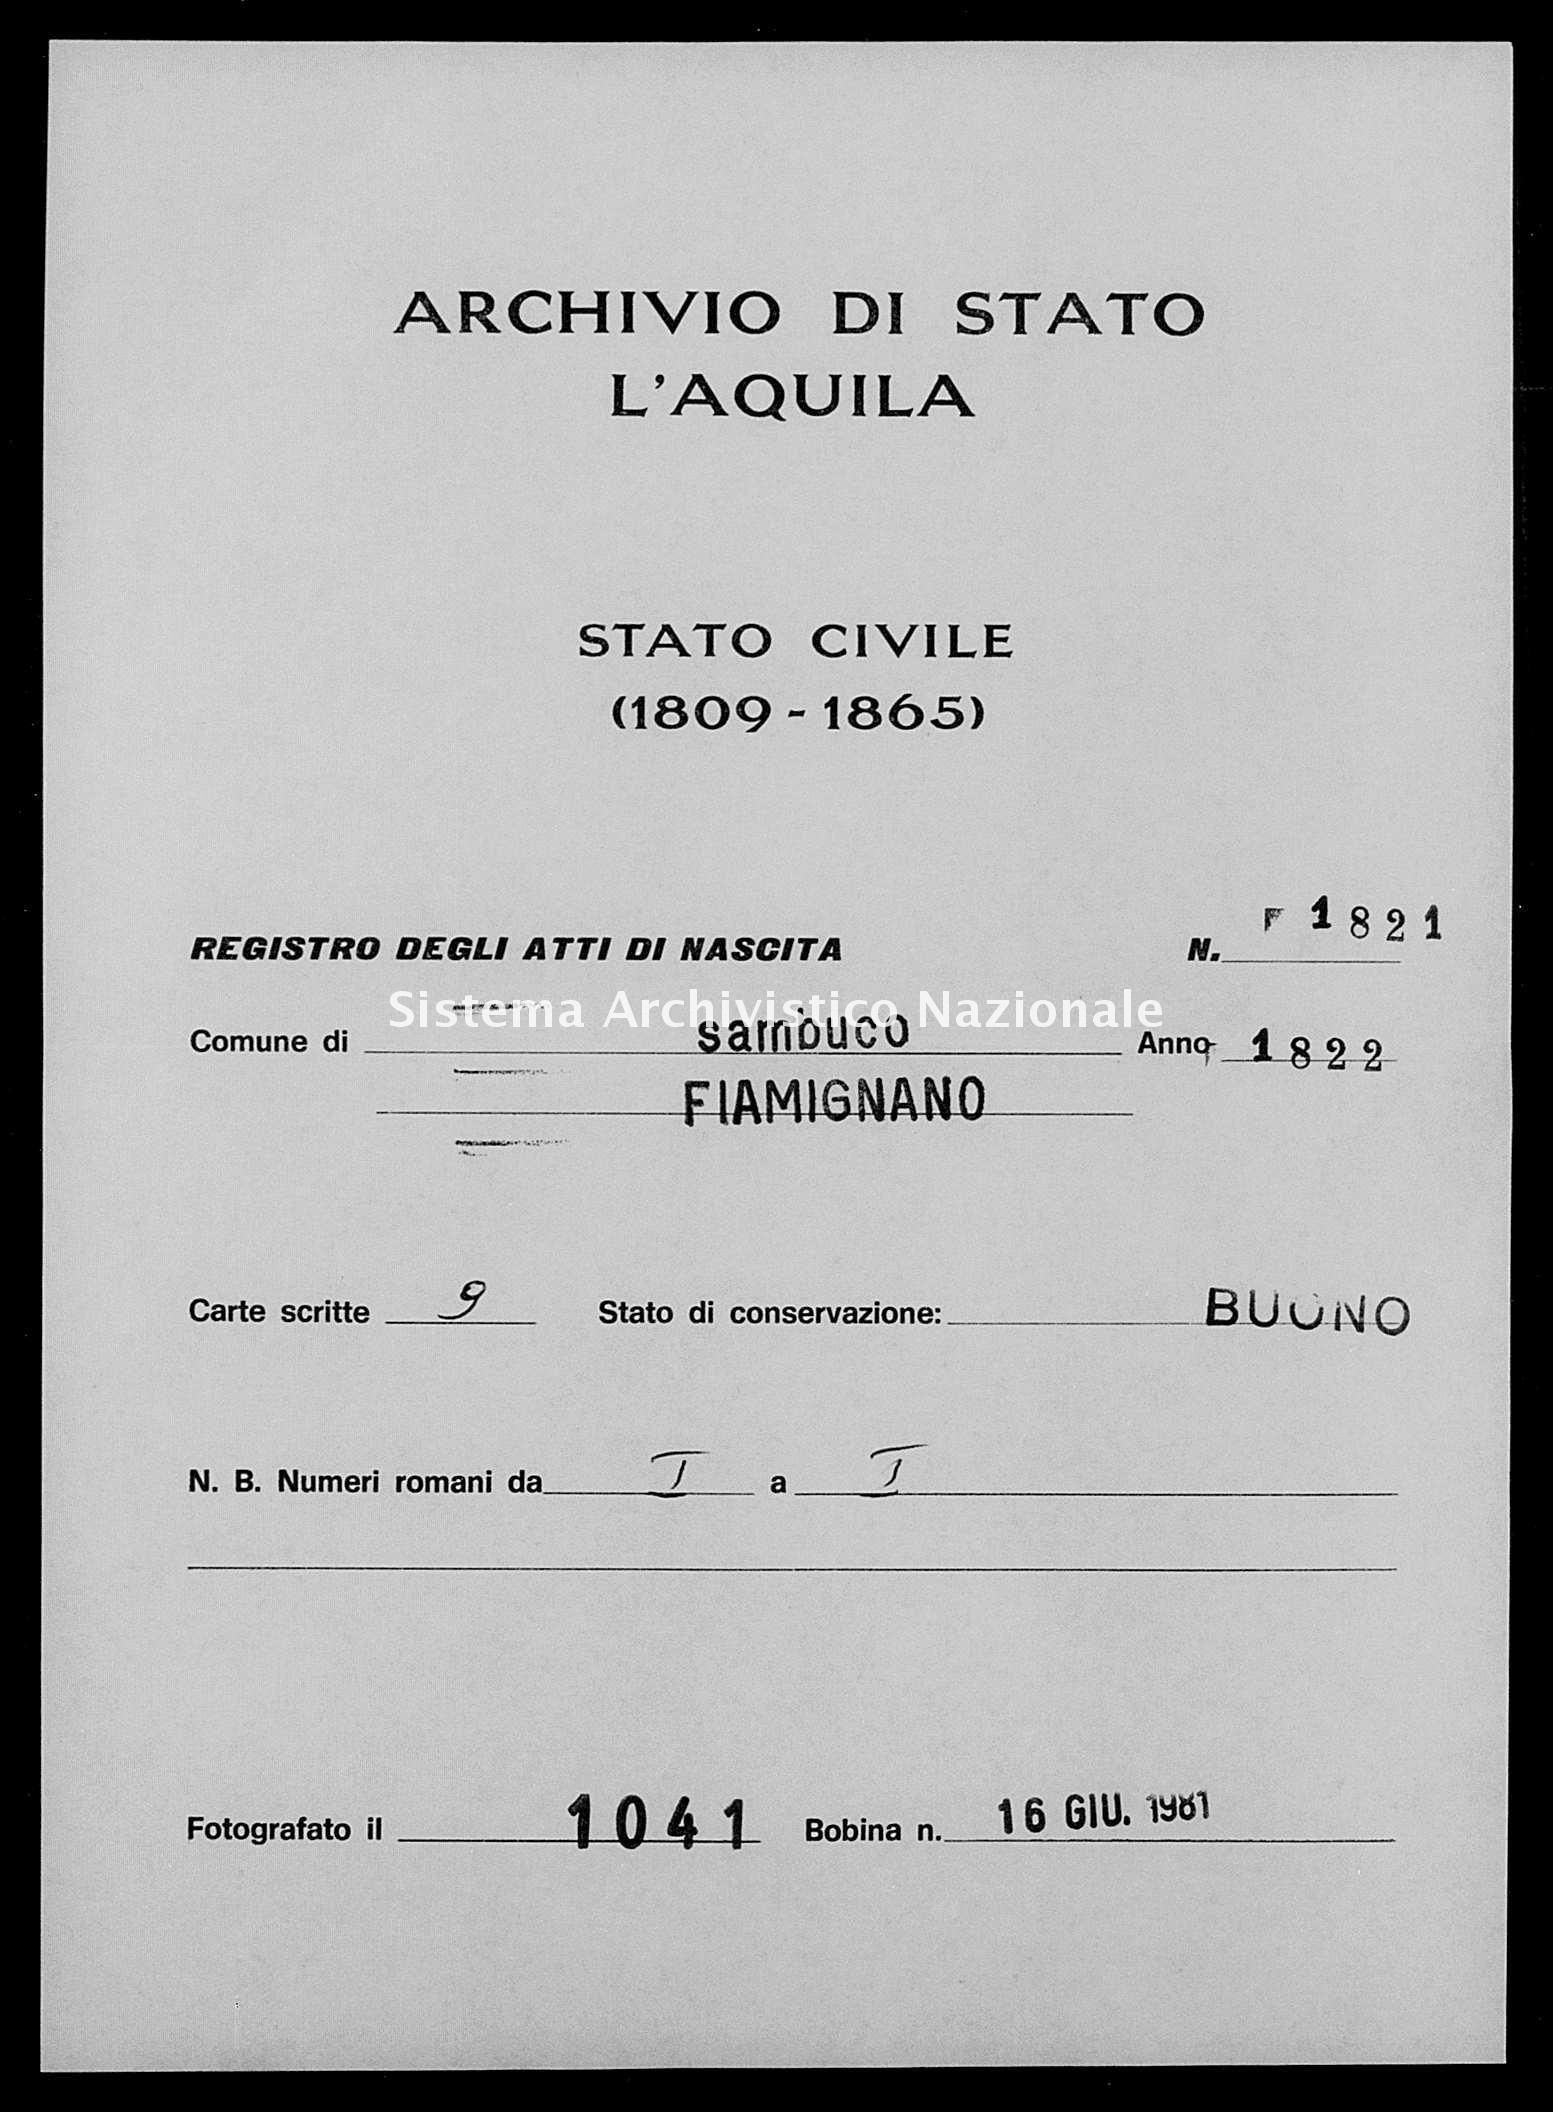 Archivio di stato di L'aquila - Stato civile della restaurazione - Sambuco - Nati - 1822 - 1821 -